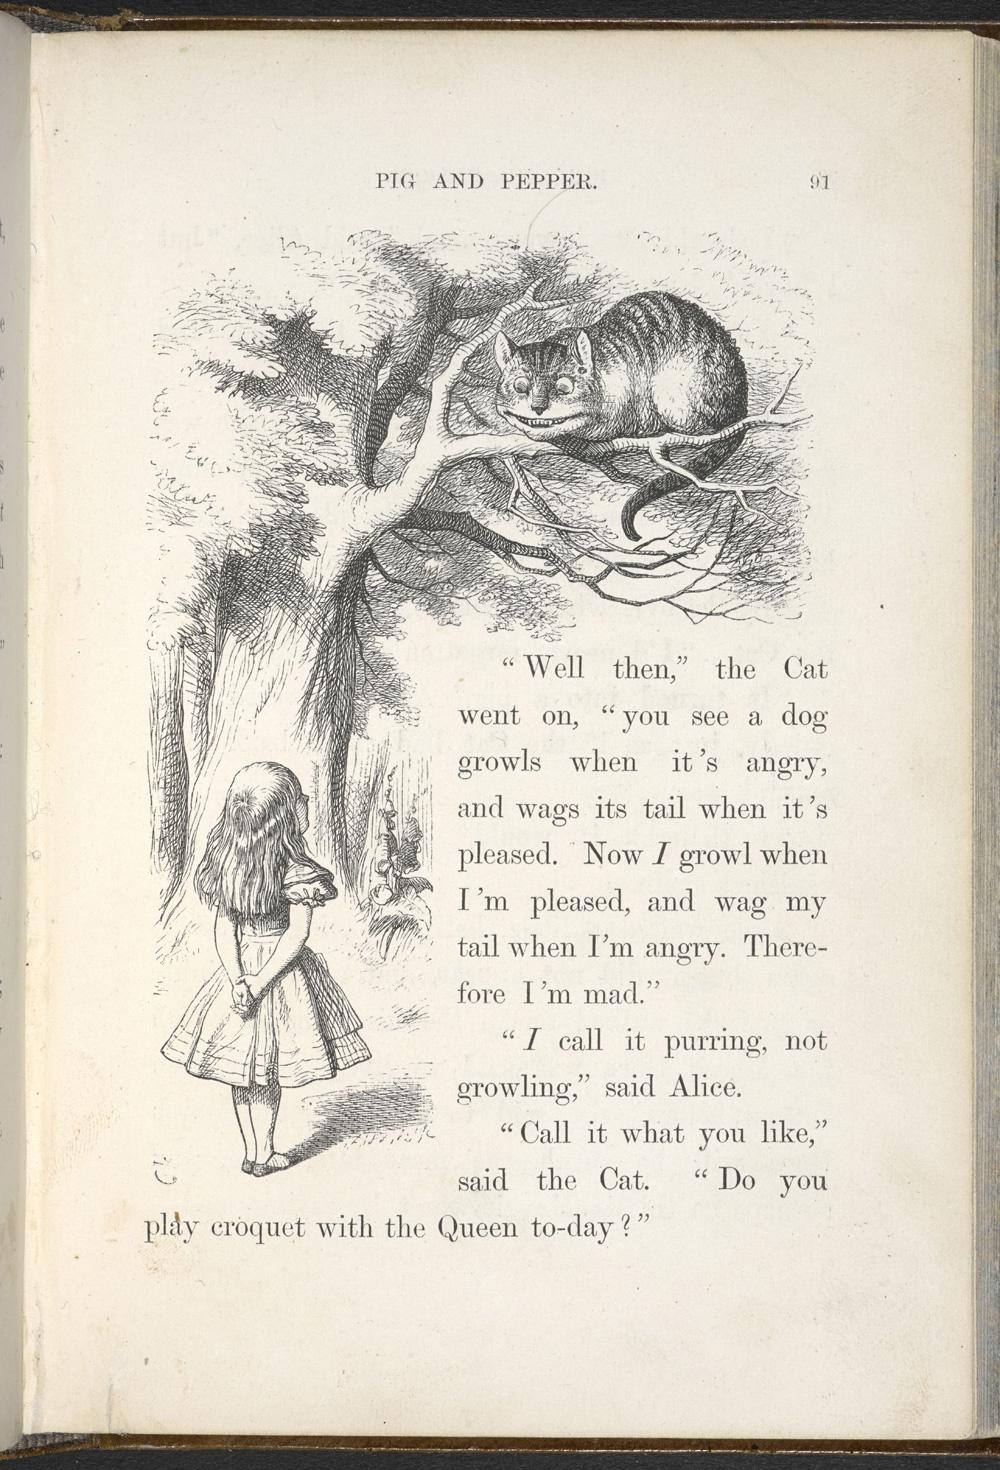 ilustracion alicia en el pais de las maravillas 3